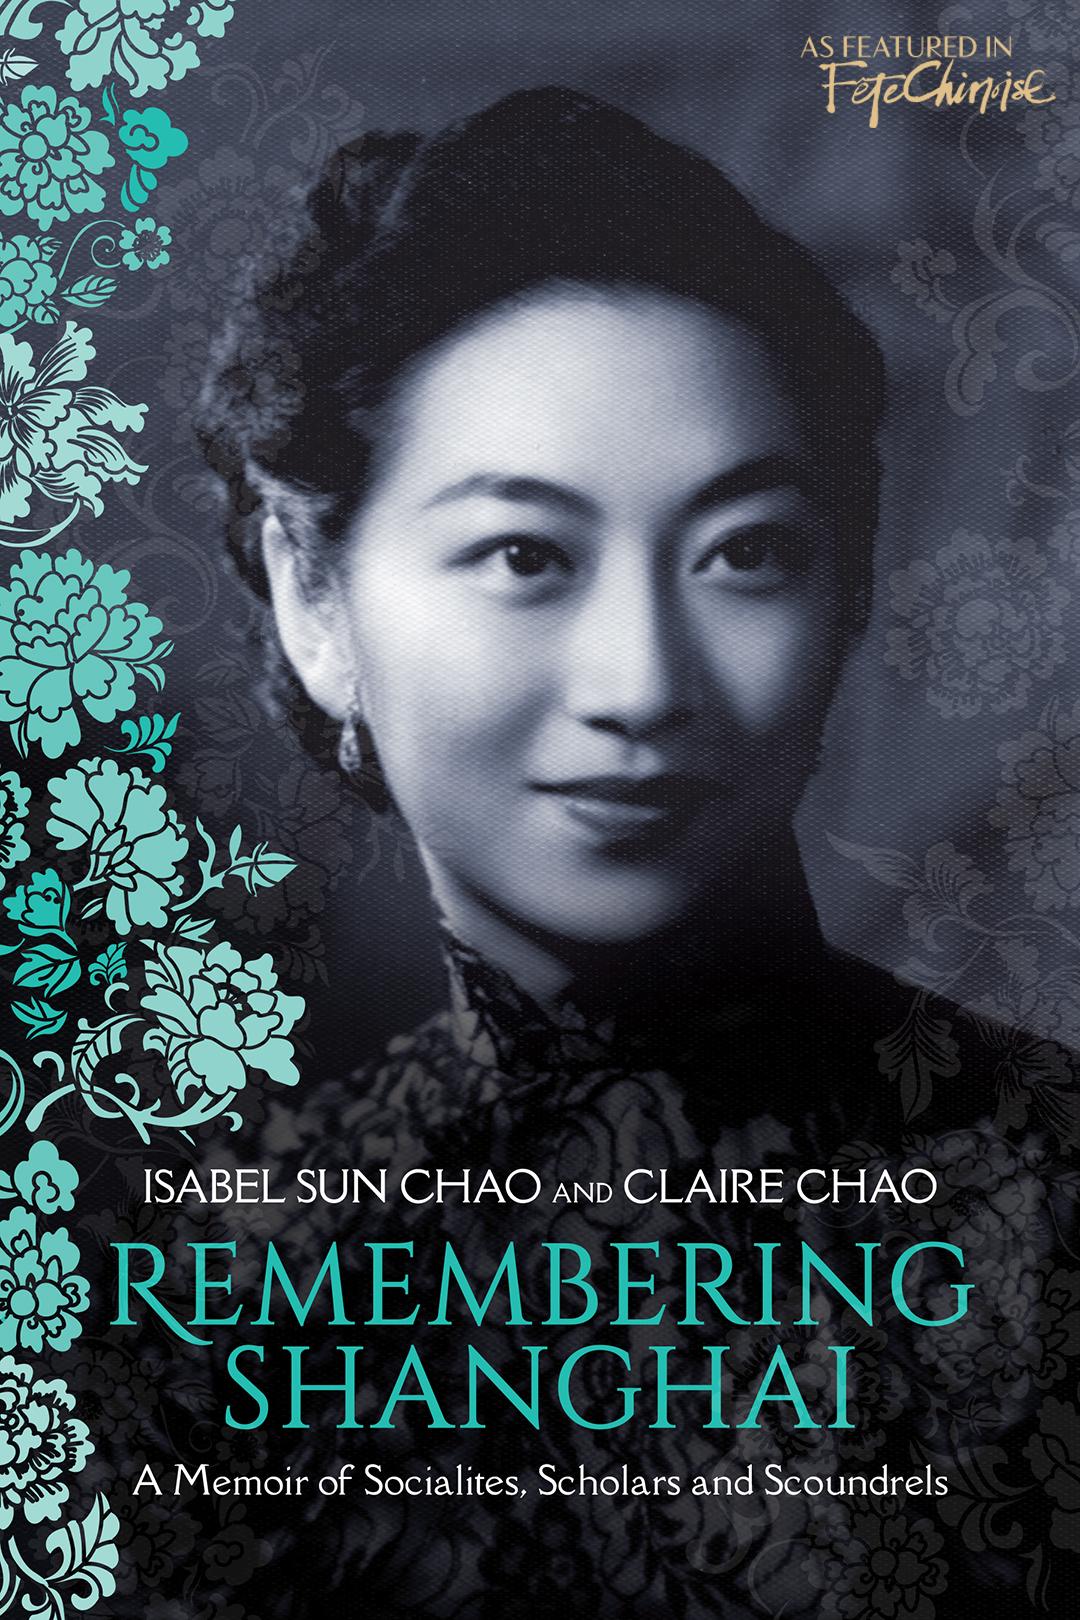 RememberingShanghai-cover_watermarked.jpg